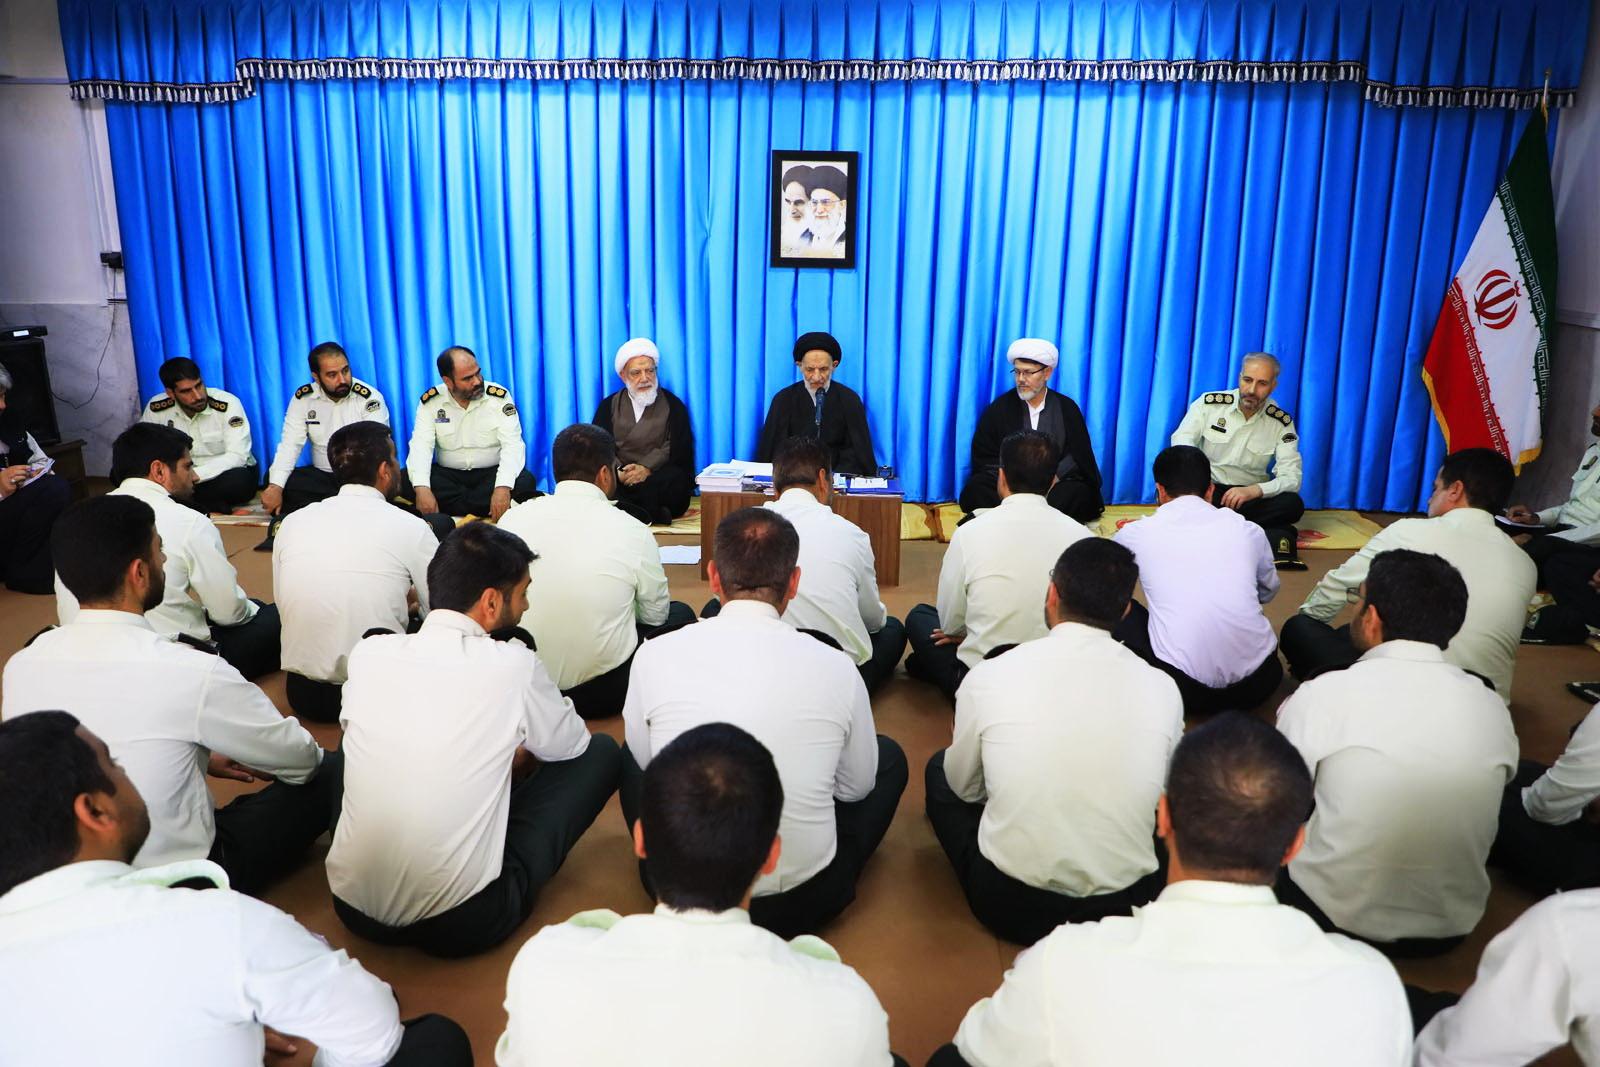 سازمان عقیدتی سیاسی نیروی انتظامی